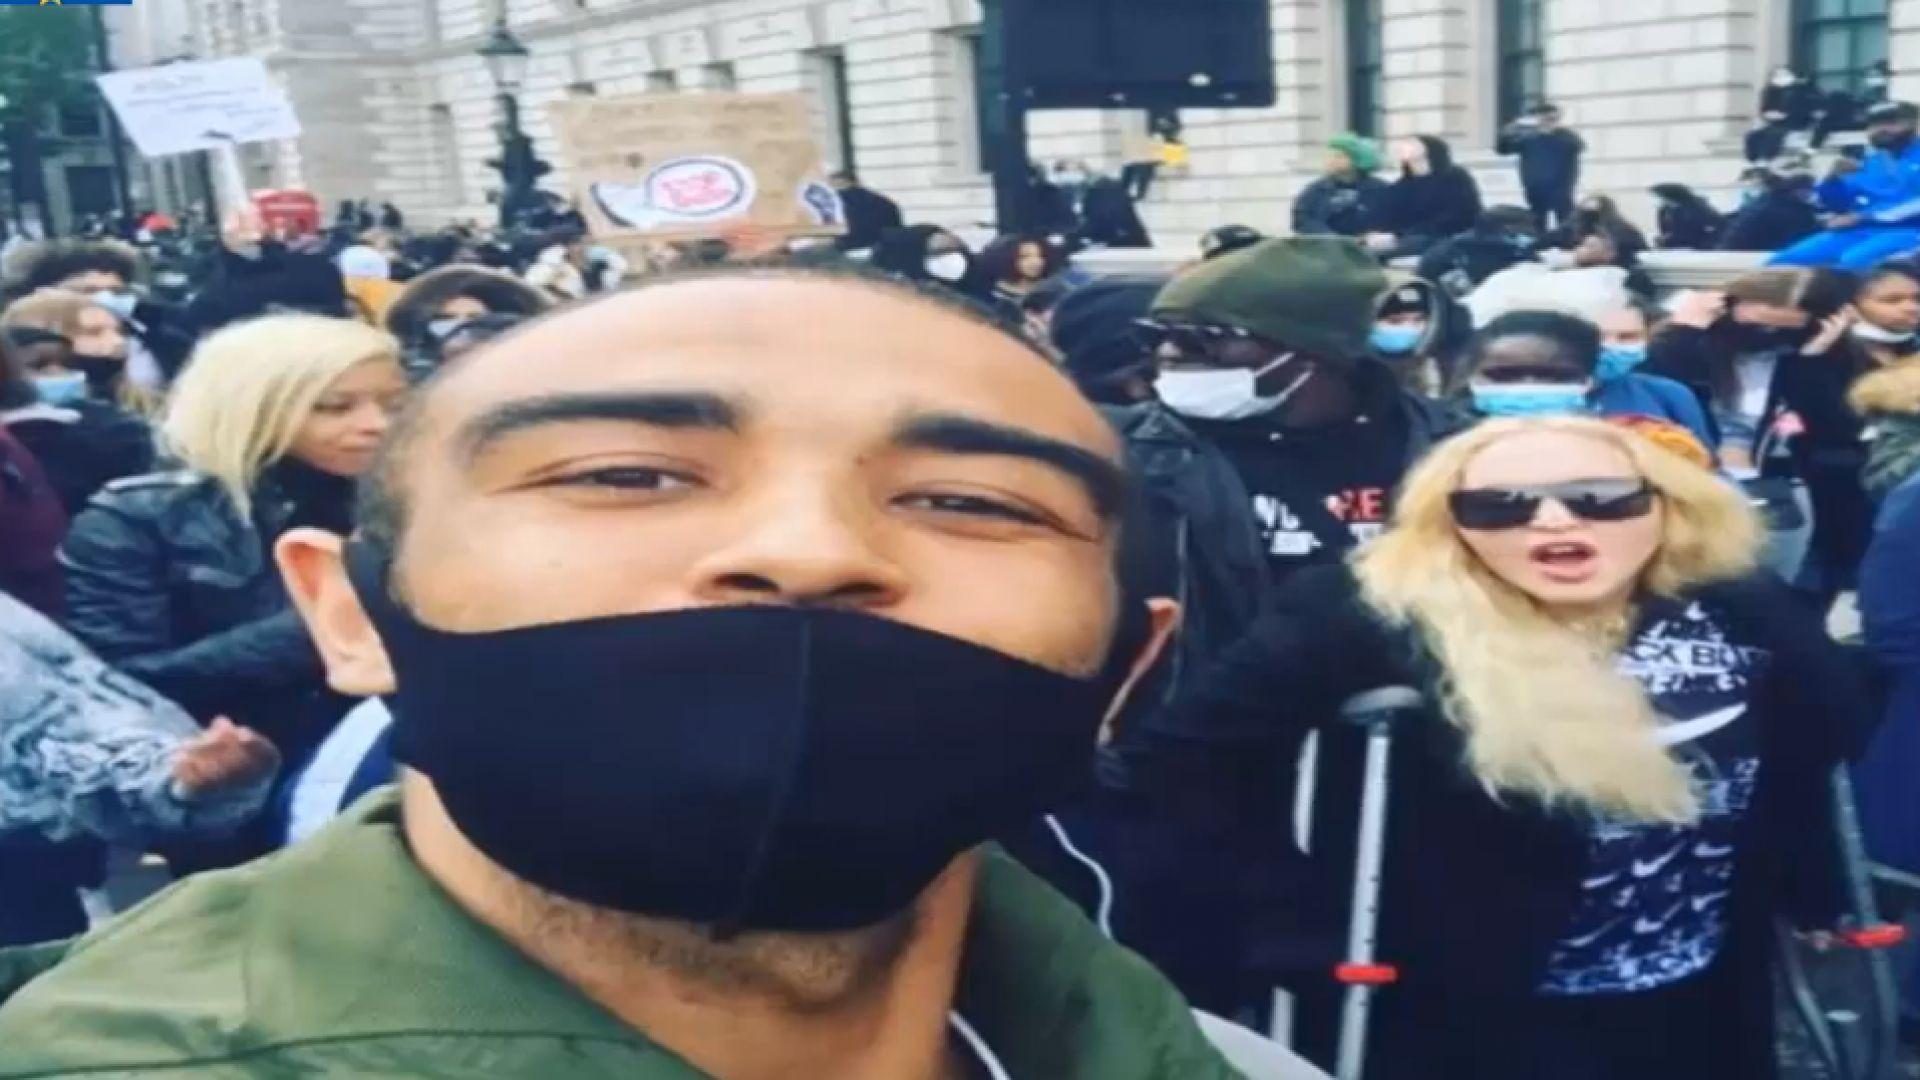 Мадона с патерици на антирасисткия протест в Лондон, Дженифър Анистън дари $1 млн.